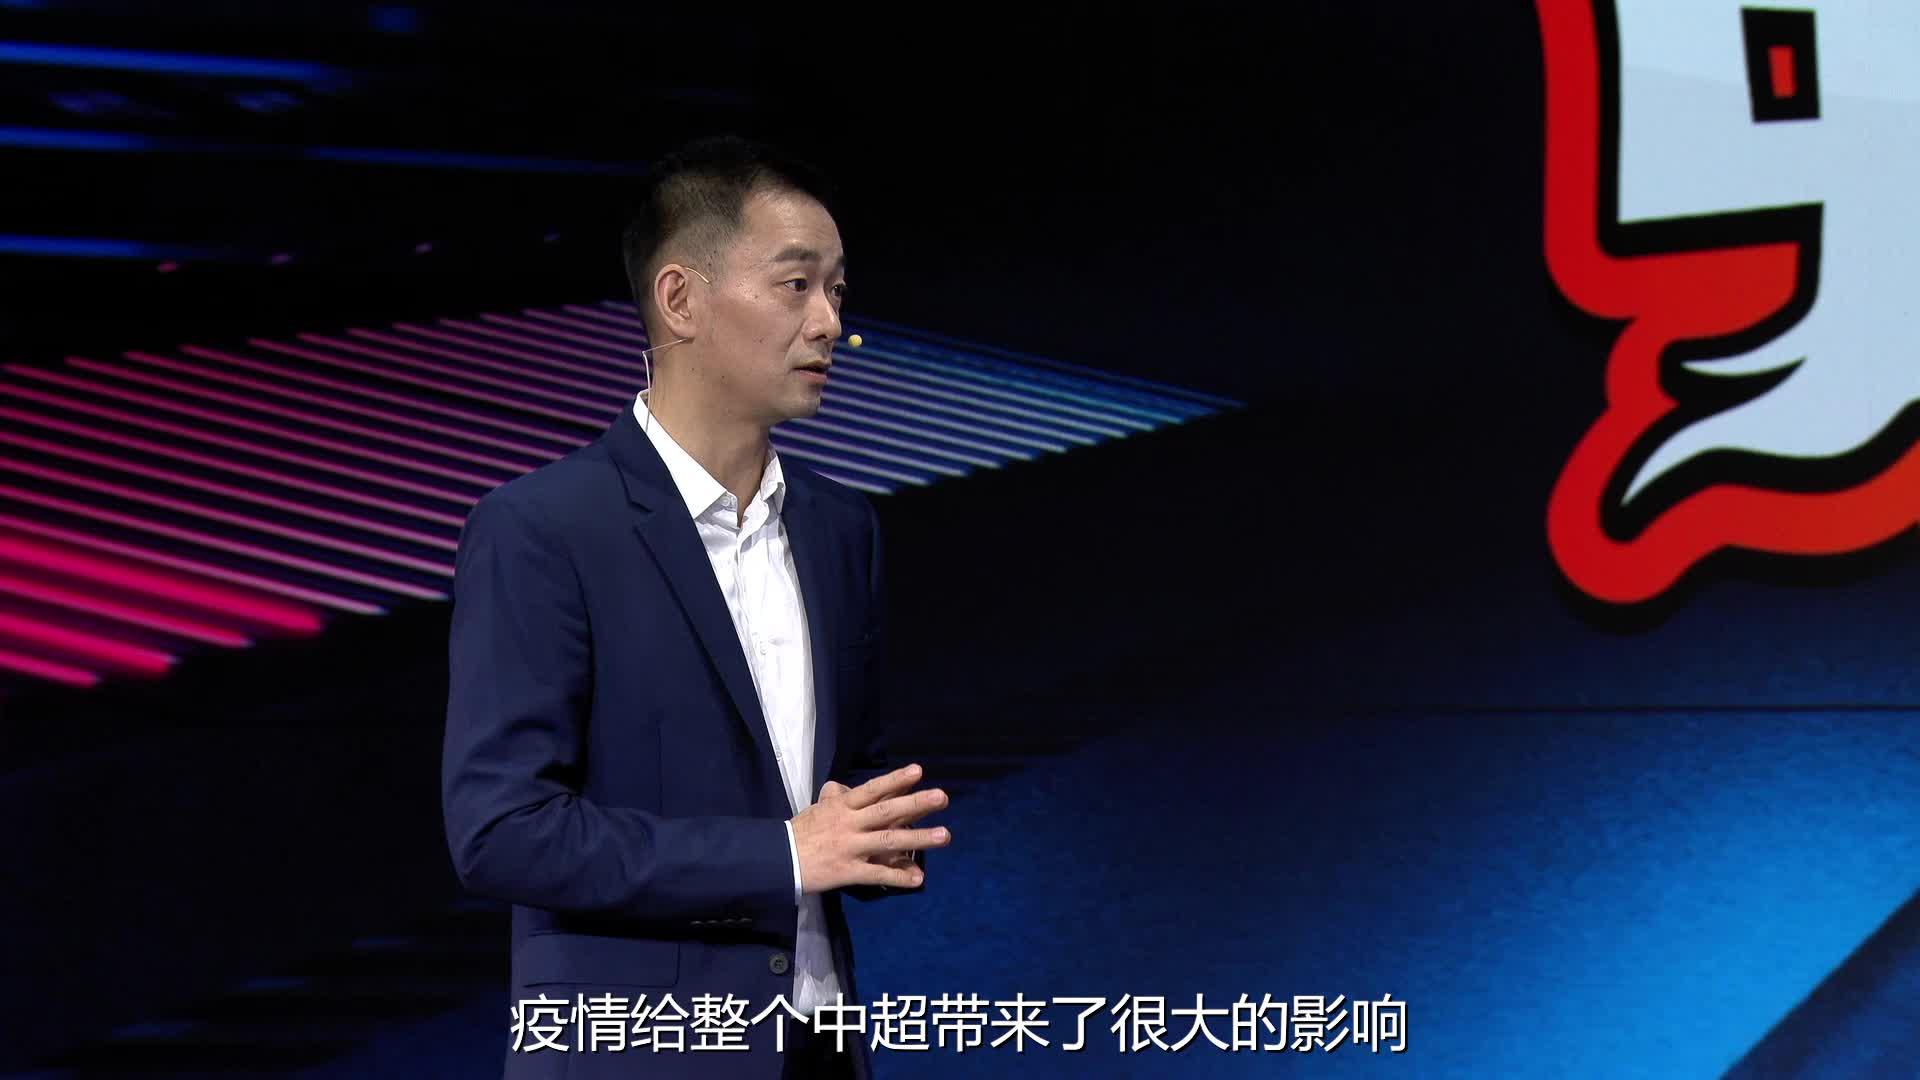 刘建宏:中超重启太不容易了!中超要有弹性 理性 人性